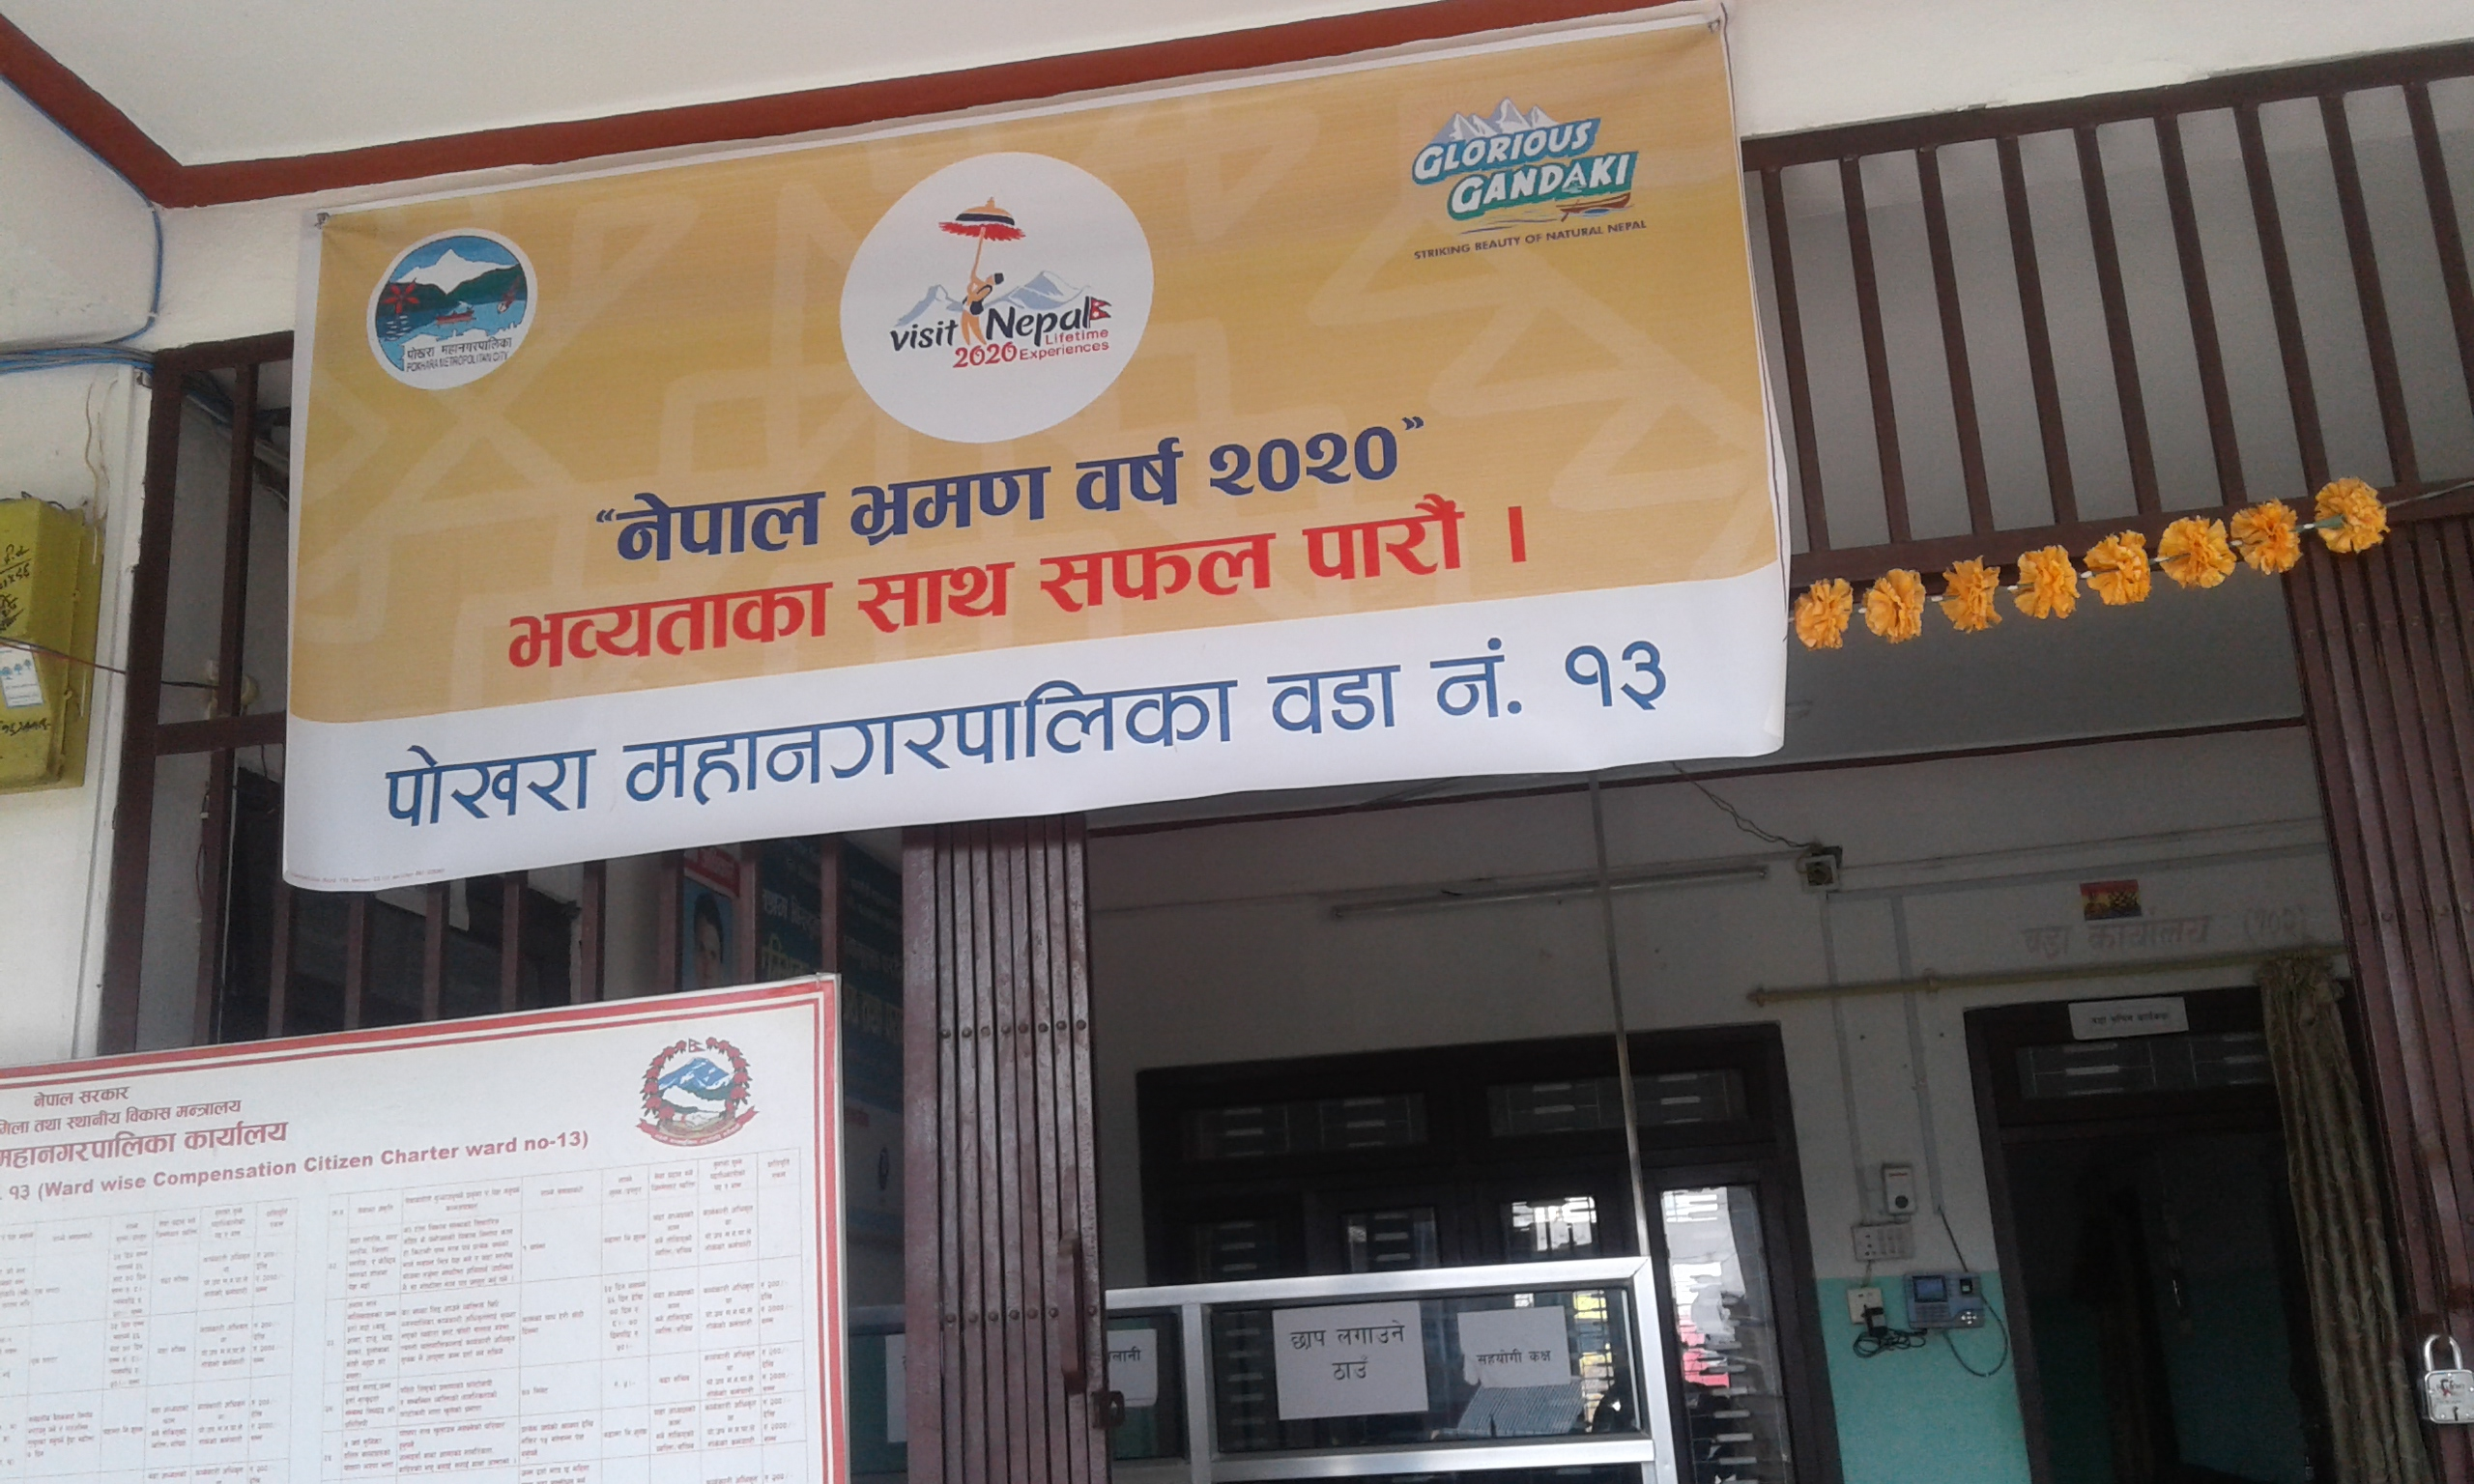 Yesterday i visit ward 13 pokhara office